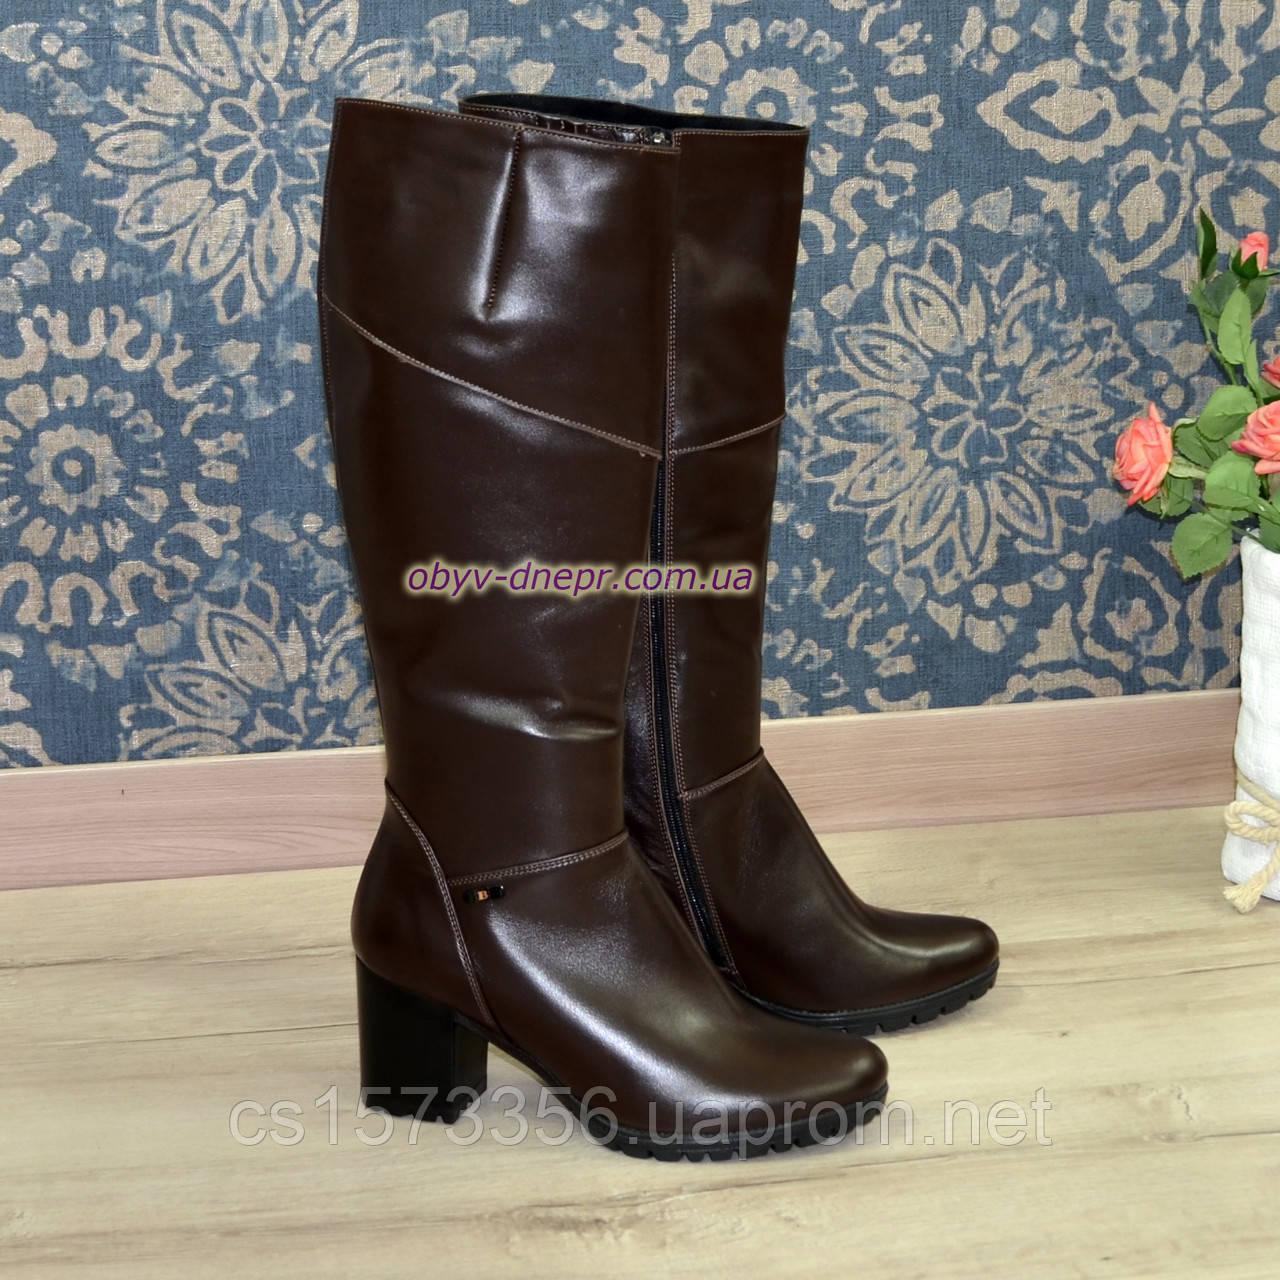 Чоботи жіночі туфлі на стійкому каблуці, натуральна коричнева шкіра.